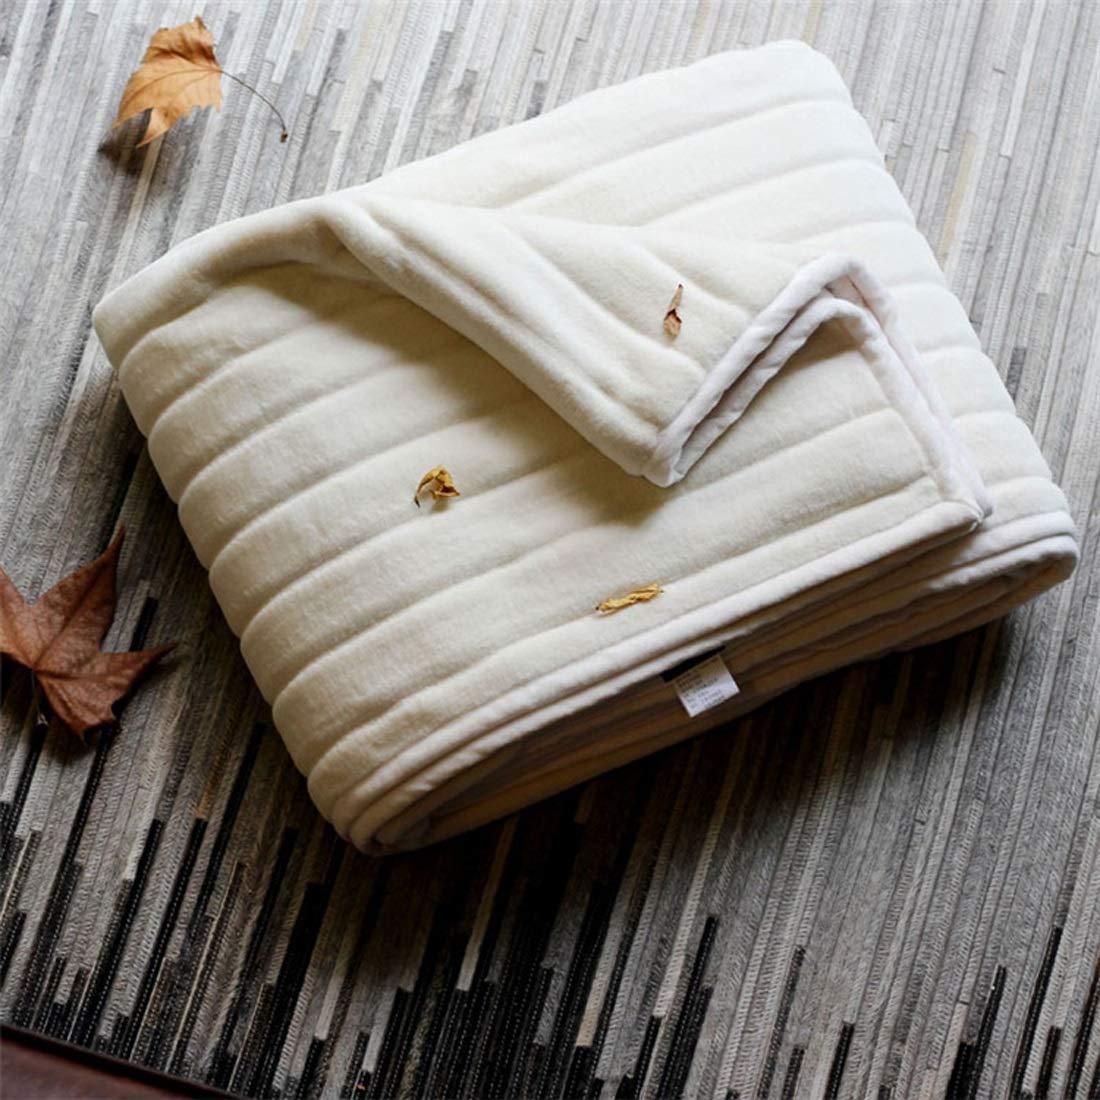 ノウ建材貿易 ニットブランケットワイドストライプデュアル目的の厚い暖かいソフトベッドのテールタオルは、ホームに適して (色 : ホワイト) B07RFB8RMF ホワイト